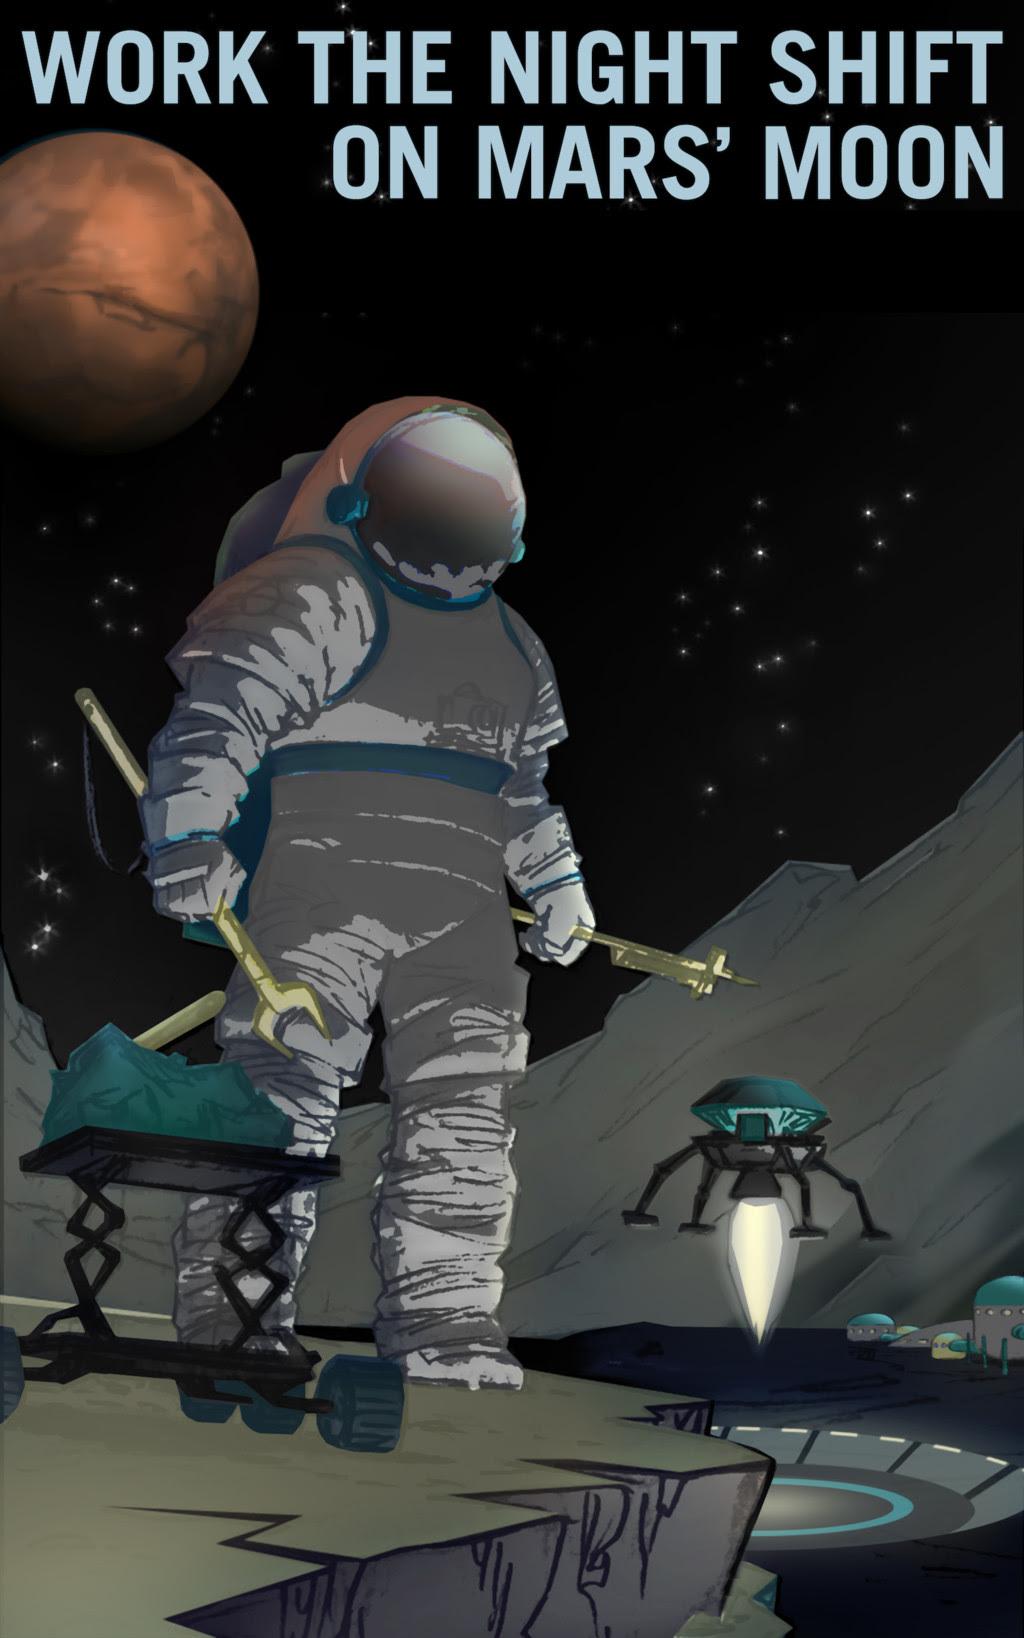 Nasa Marte Reclutamiento 2